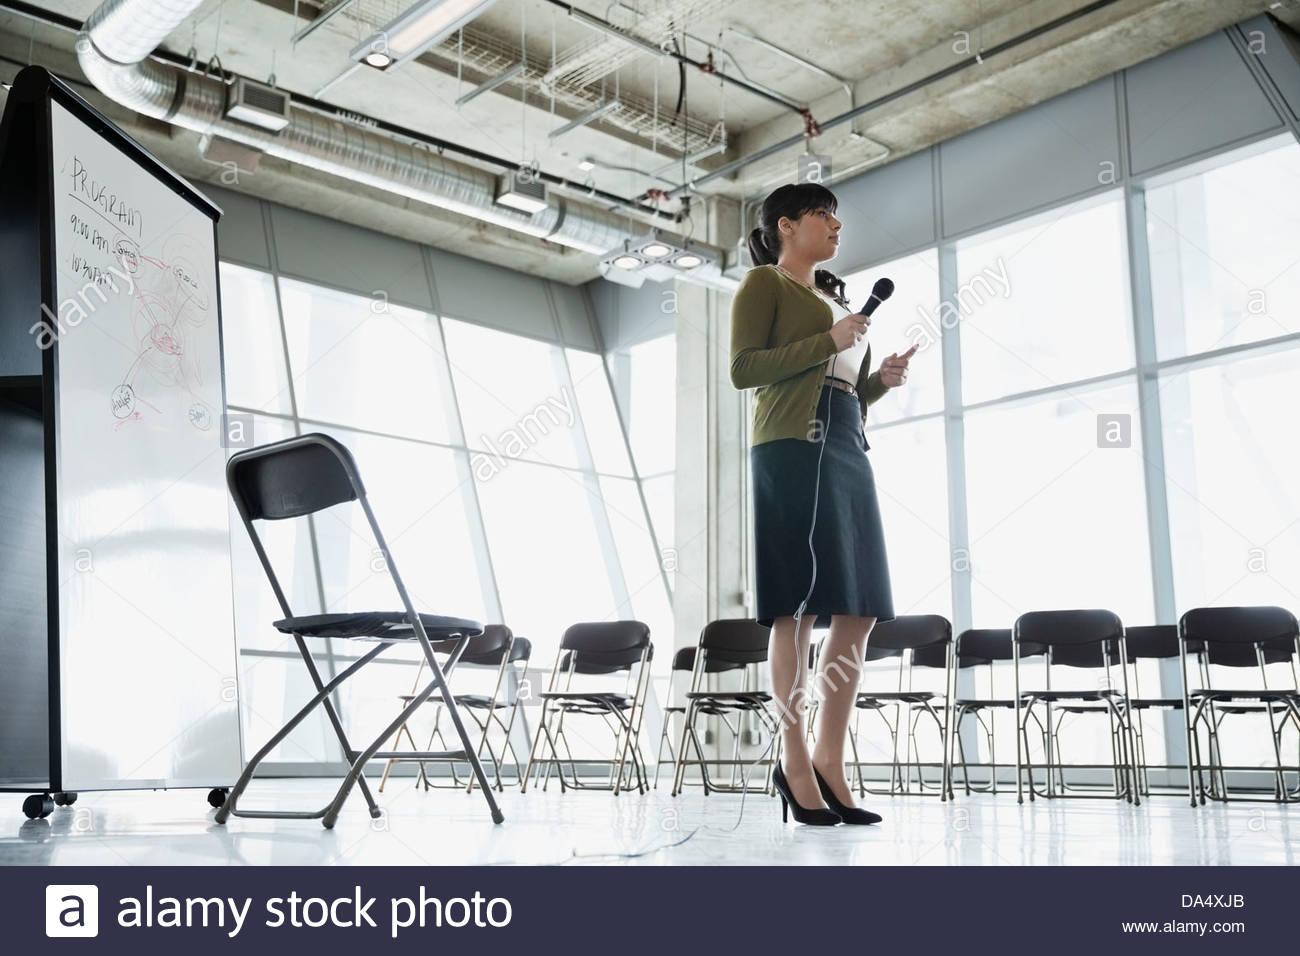 La empresaria practicando presentación en edificio de oficinas Imagen De Stock